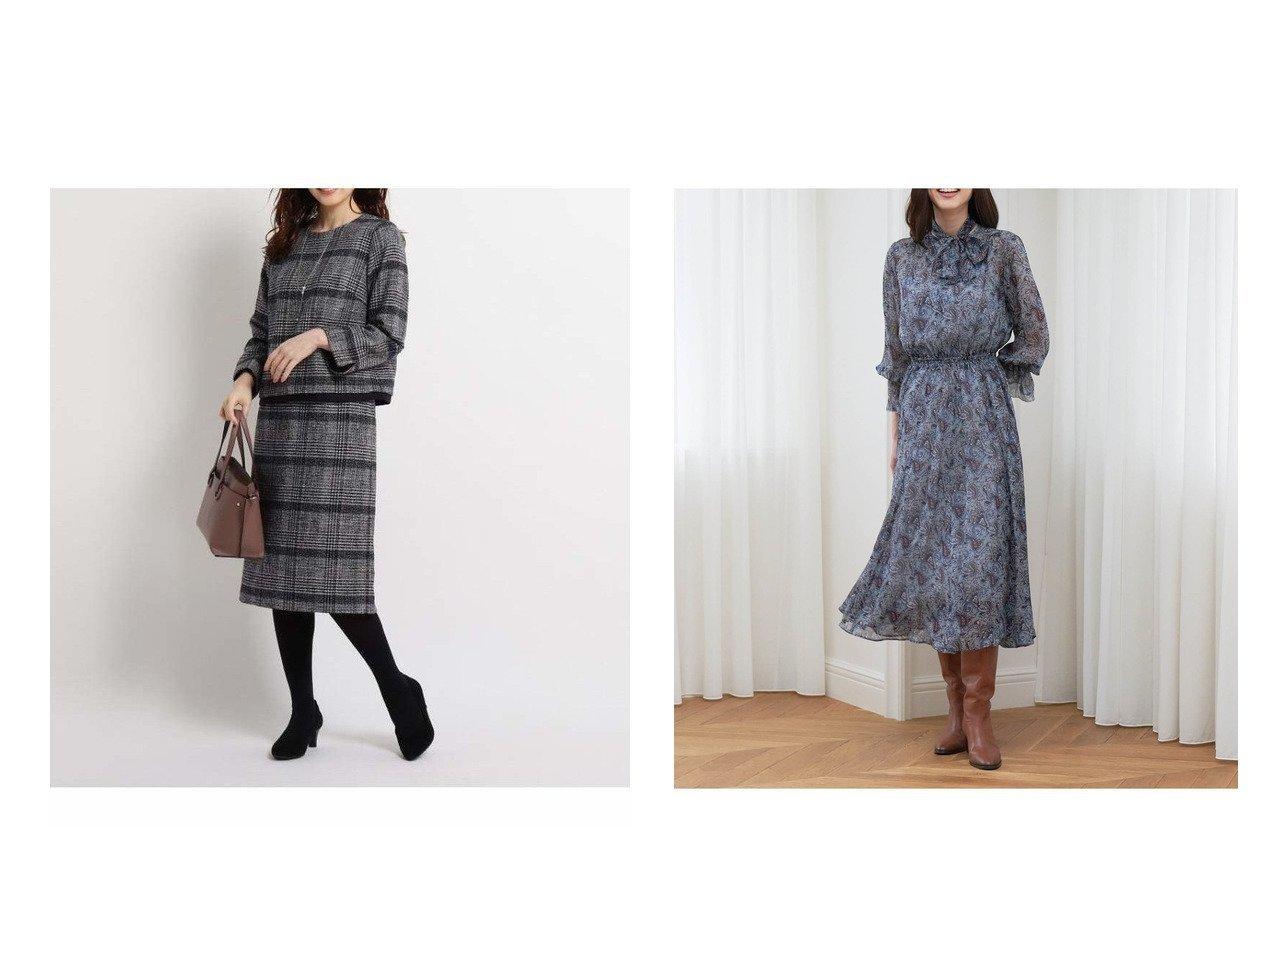 【ANAYI/アナイ】のペイズリープリントフレアワンピース&【Reflect/リフレクト】のツィーディーグレンセットアップ ワンピース・ドレスのおすすめ!人気、トレンド・レディースファッションの通販  おすすめで人気の流行・トレンド、ファッションの通販商品 メンズファッション・キッズファッション・インテリア・家具・レディースファッション・服の通販 founy(ファニー) https://founy.com/ ファッション Fashion レディースファッション WOMEN トップス Tops Tshirt アンサンブル Knit Ensemble カットソー Cut and Sewn ワンピース Dress アンサンブル エレガント カットソー クラシック セットアップ ツィード 無地 ギャザー クラシカル シルク スリット フェミニン フロント プリント ペイズリー  ID:crp329100000010224